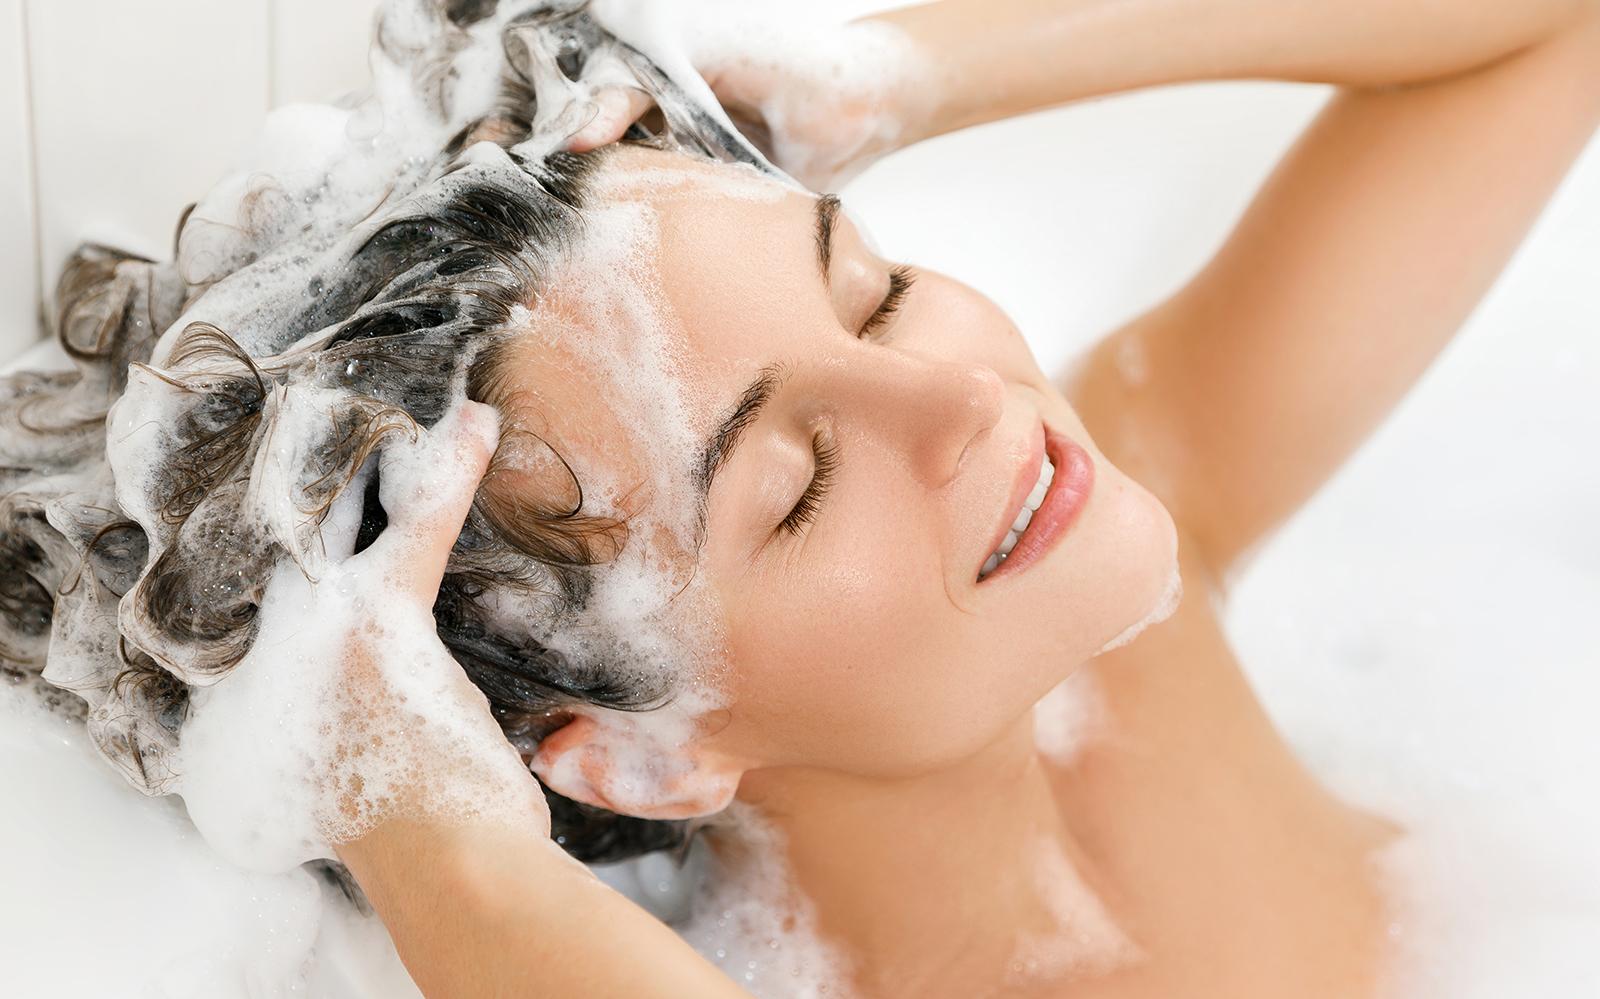 washing-hair-woman-washing-her-hair-and-enjoying-it